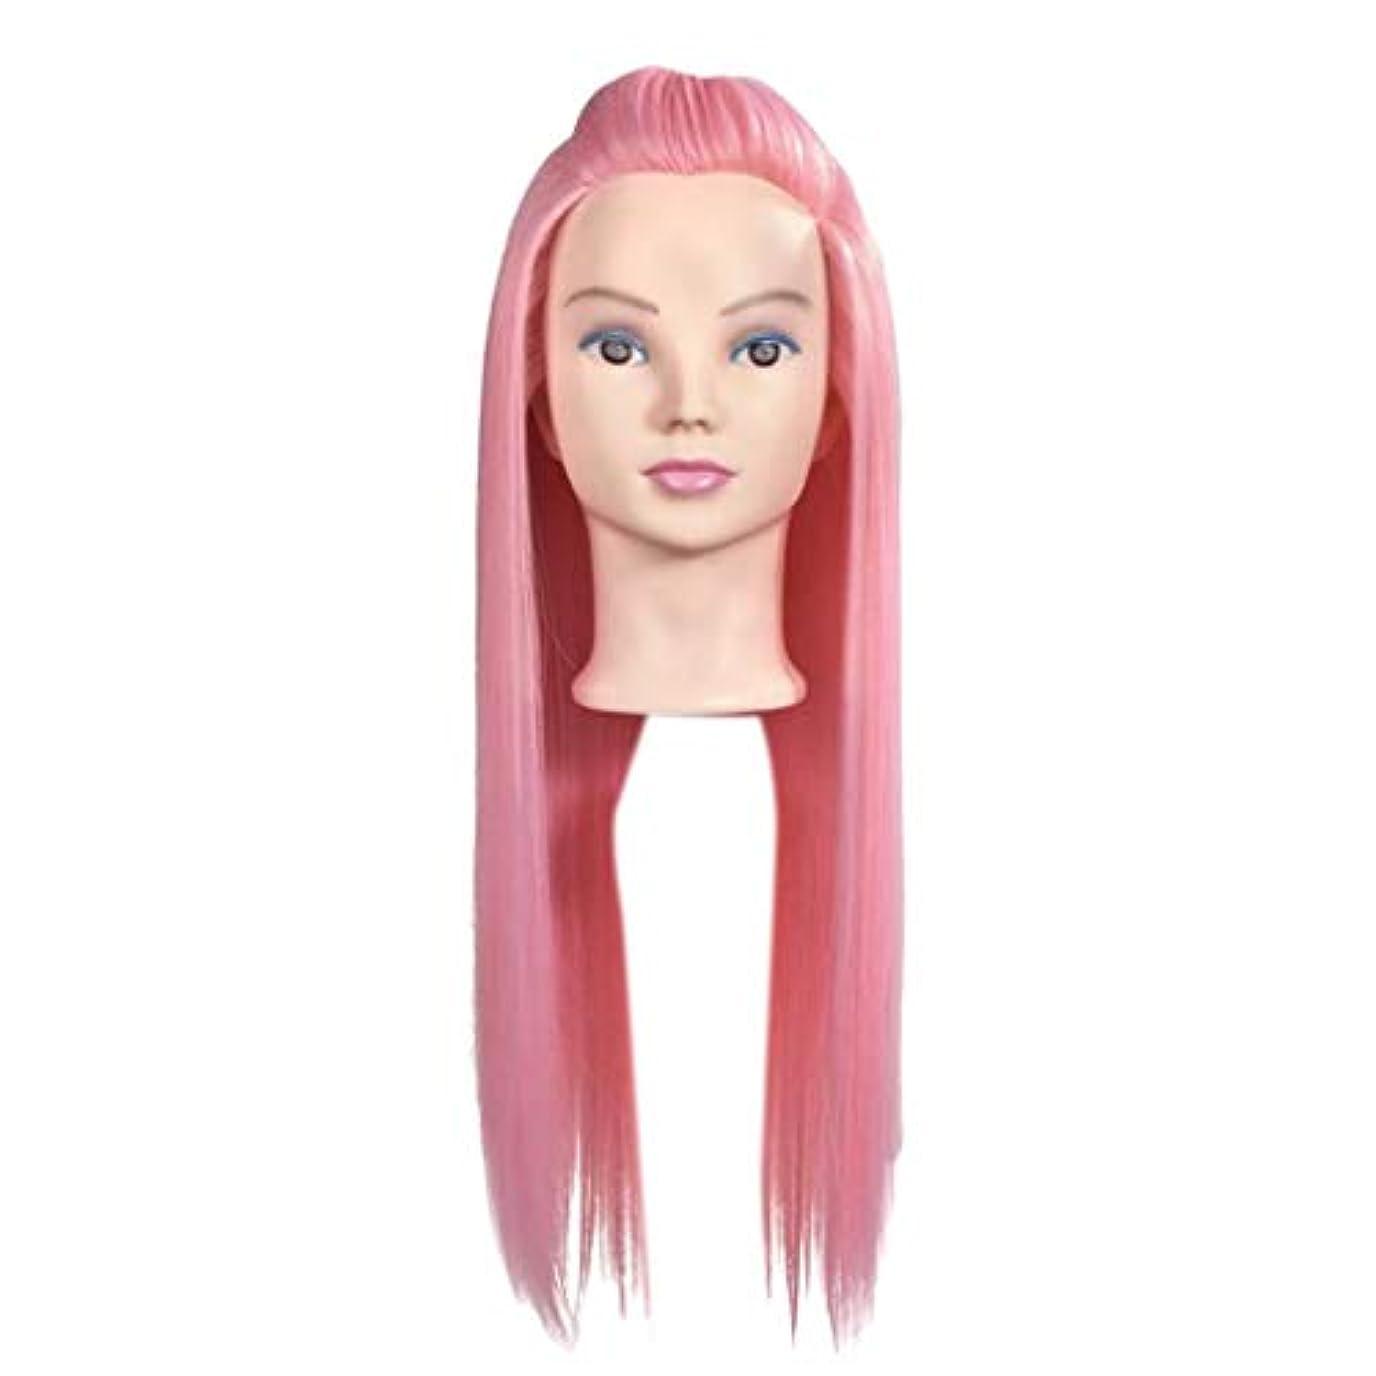 チャーミング寸前誠意Toygogo 23インチピンク美容化粧顔マネキンマネキンヘッド髪、サロンスタイリング練習組紐人形頭合成髪